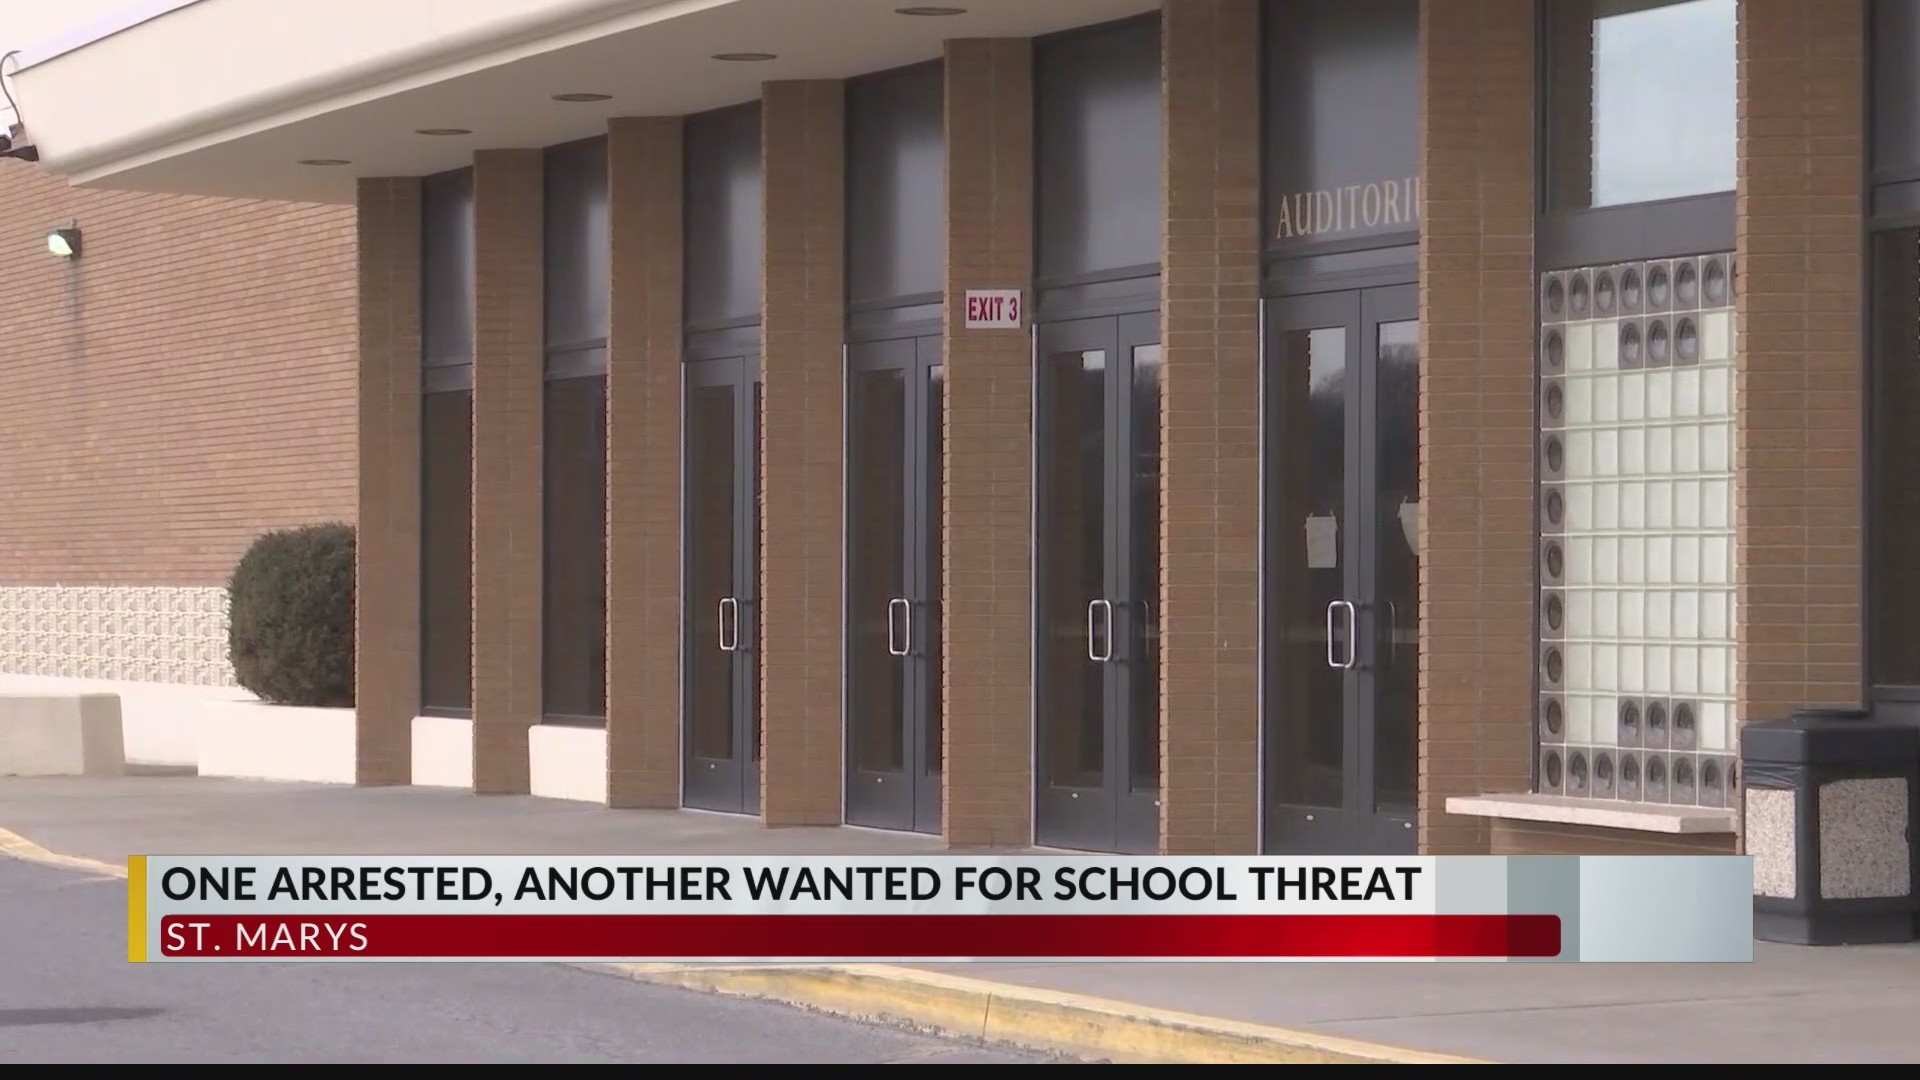 St. Marys school district alert